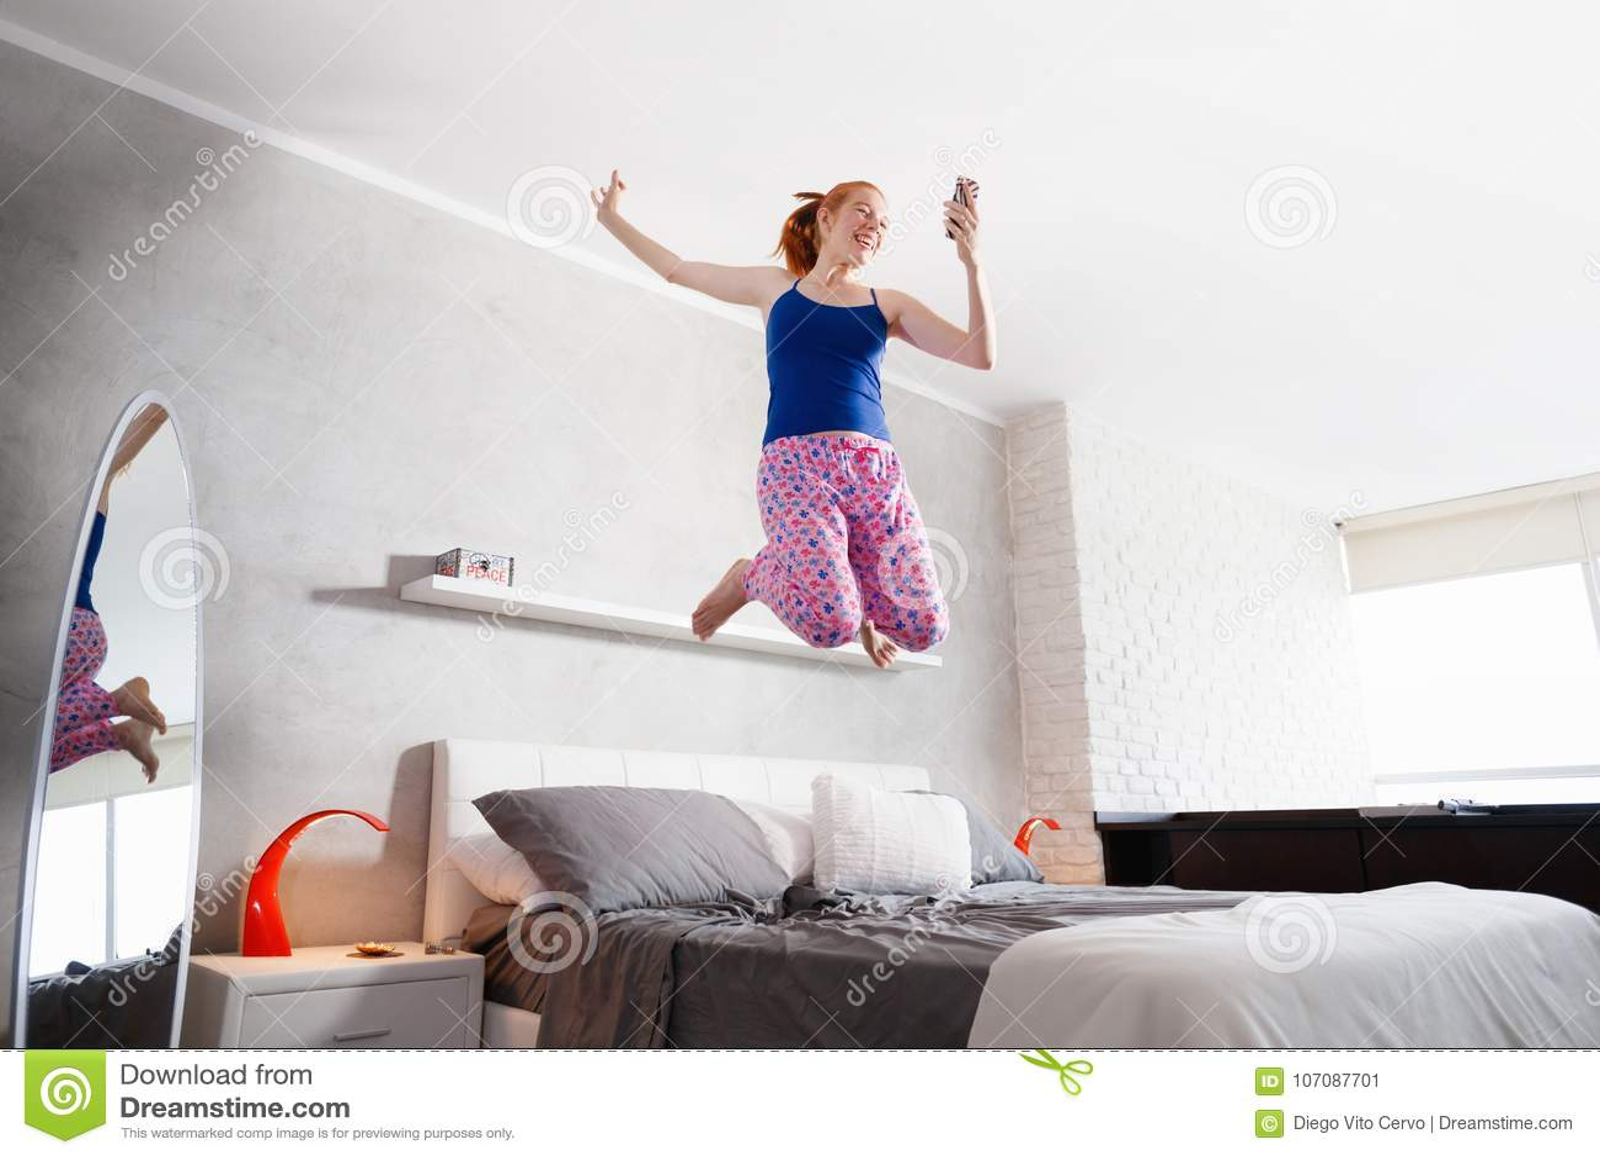 Buenas noticias para la muchacha feliz de la mujer joven que salta en cama